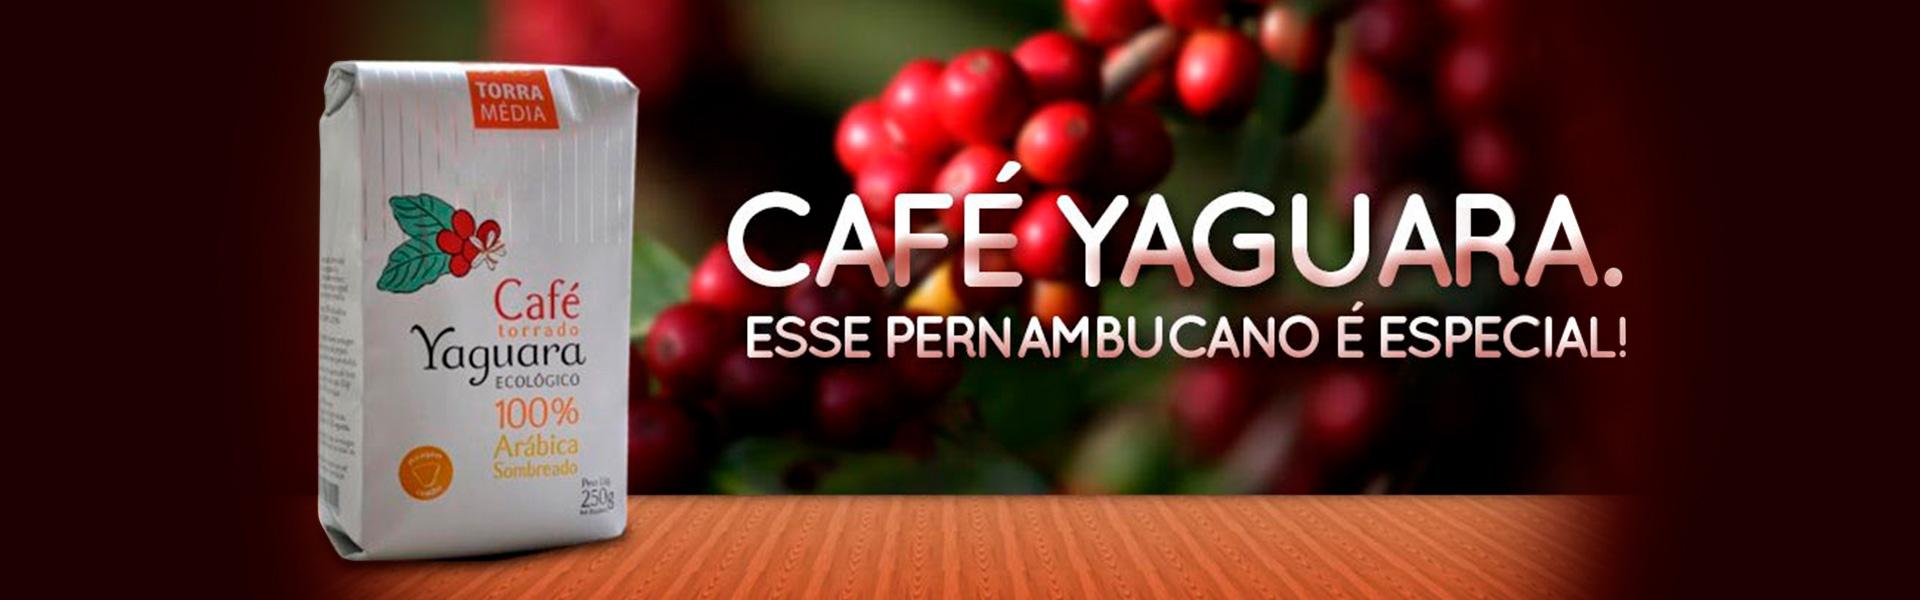 Café Yaguara